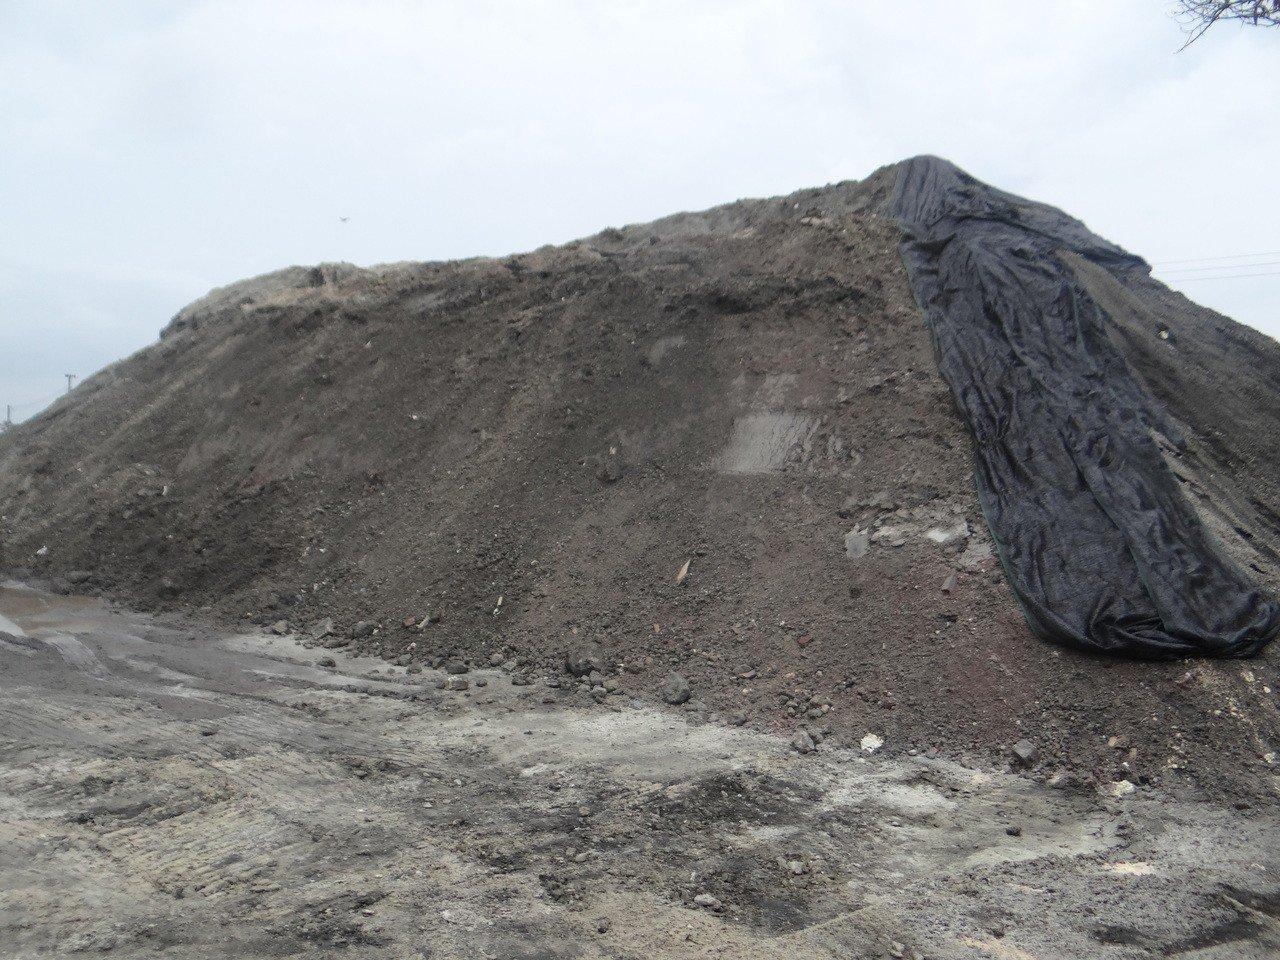 這堆土方被質疑是有毒黑土,業者出示文件澄清是合法安全的粒料級配。記者蔡維斌/攝影